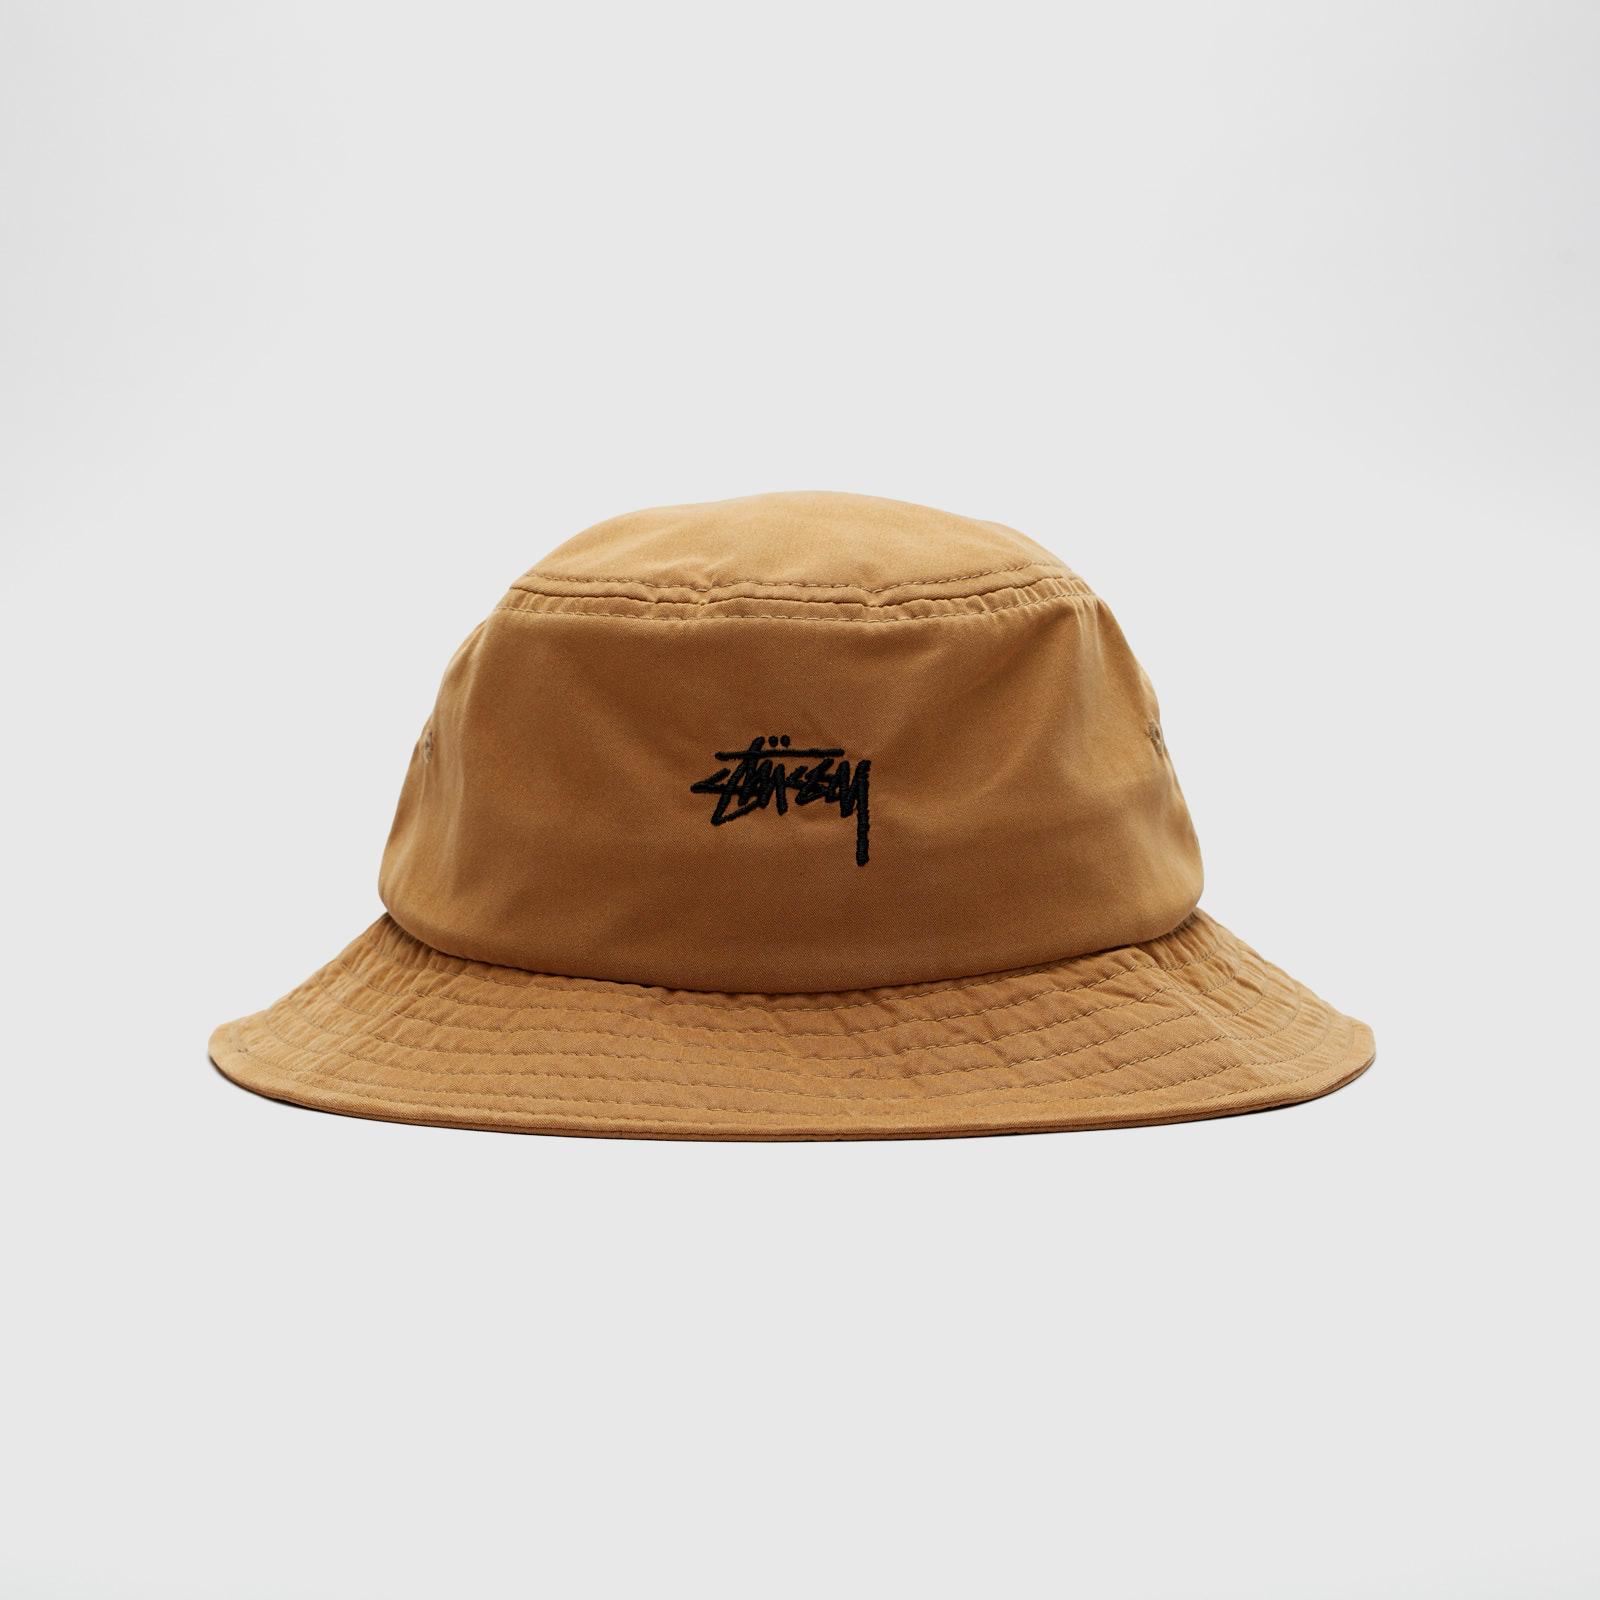 f57d1949d6a Stussy Stock Bucket Hat - 132885-1030 - Sneakersnstuff